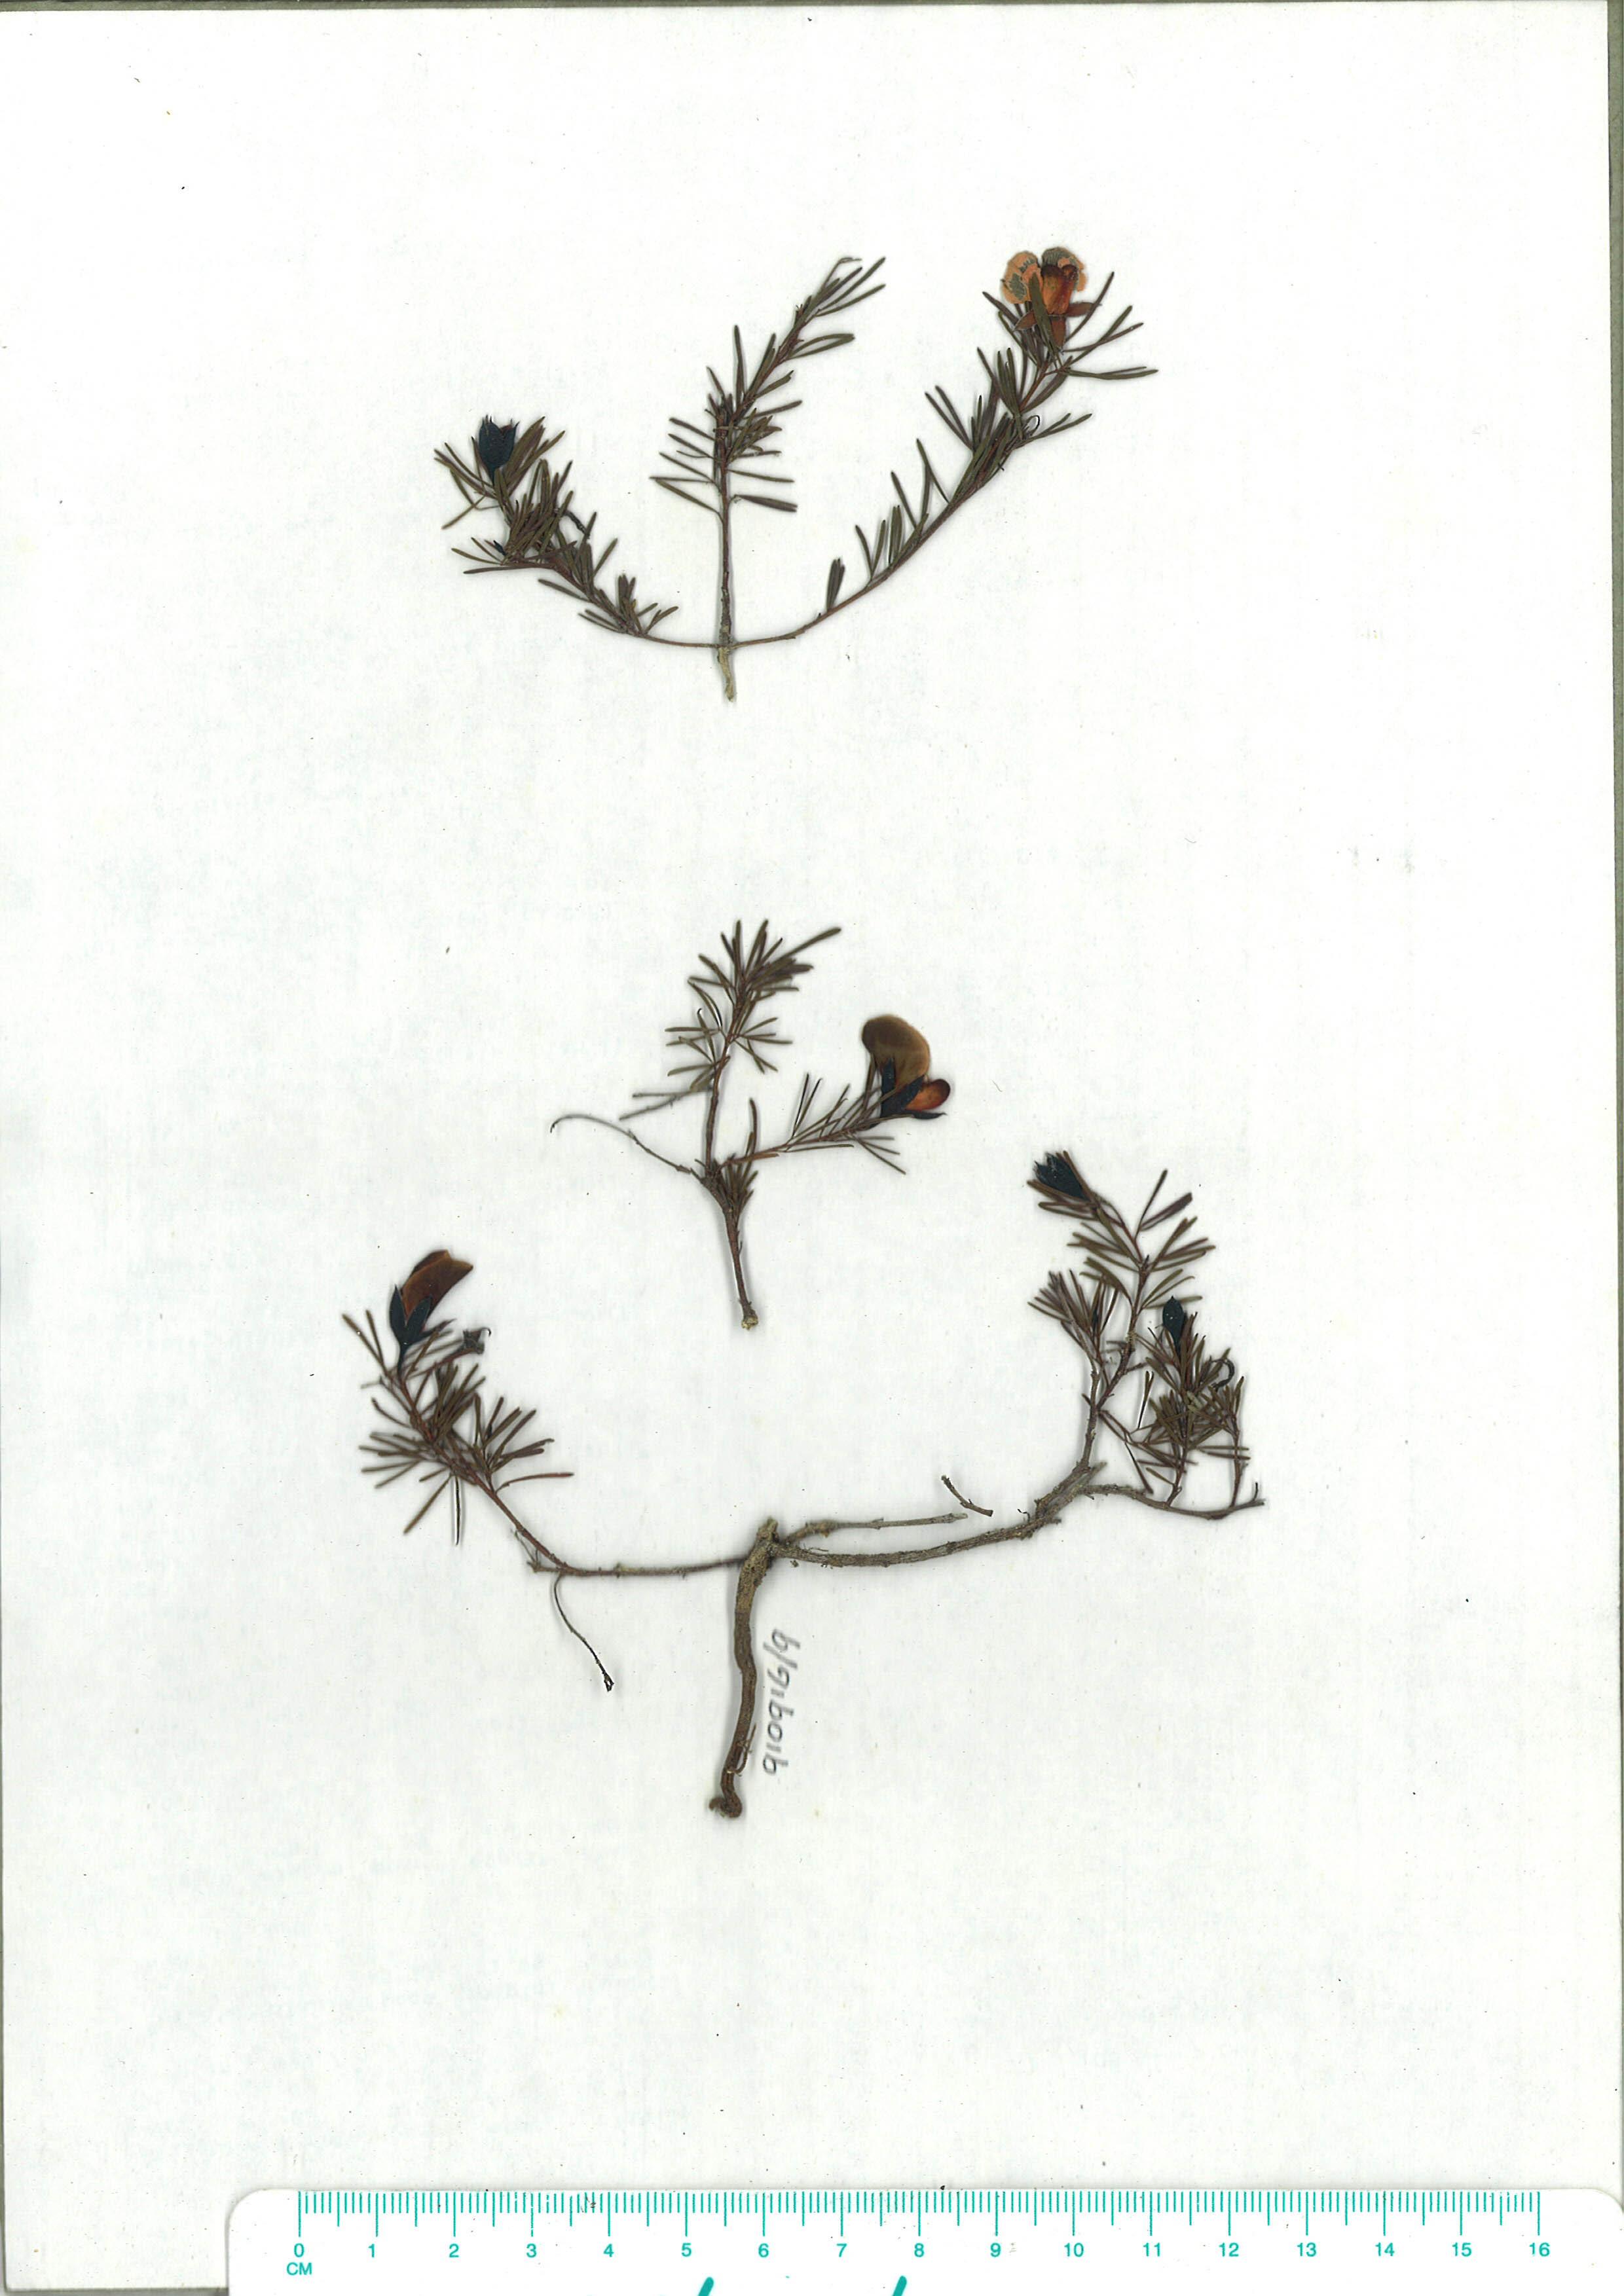 Scanned herbarium image of Gompholobium glabratum